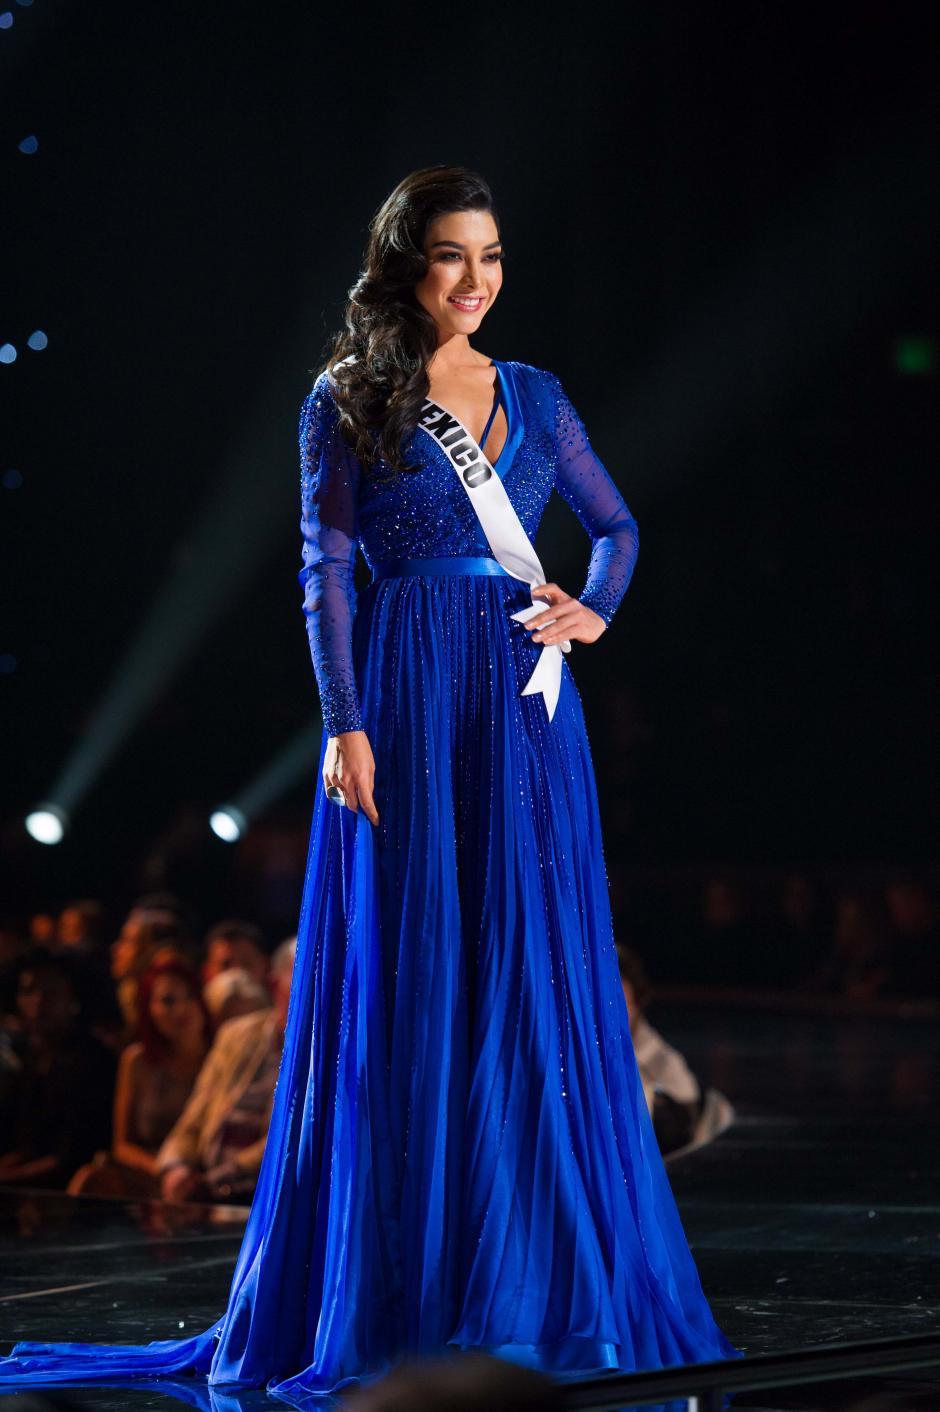 Fotografía cedida de la aspirante mexicana a la corona de Miss Universo, Wendy Esparza, desfilando con un vestido de gala en los actos previos a la gala de Miss Universo 2015. (Foto: EFE/Darren Decker)